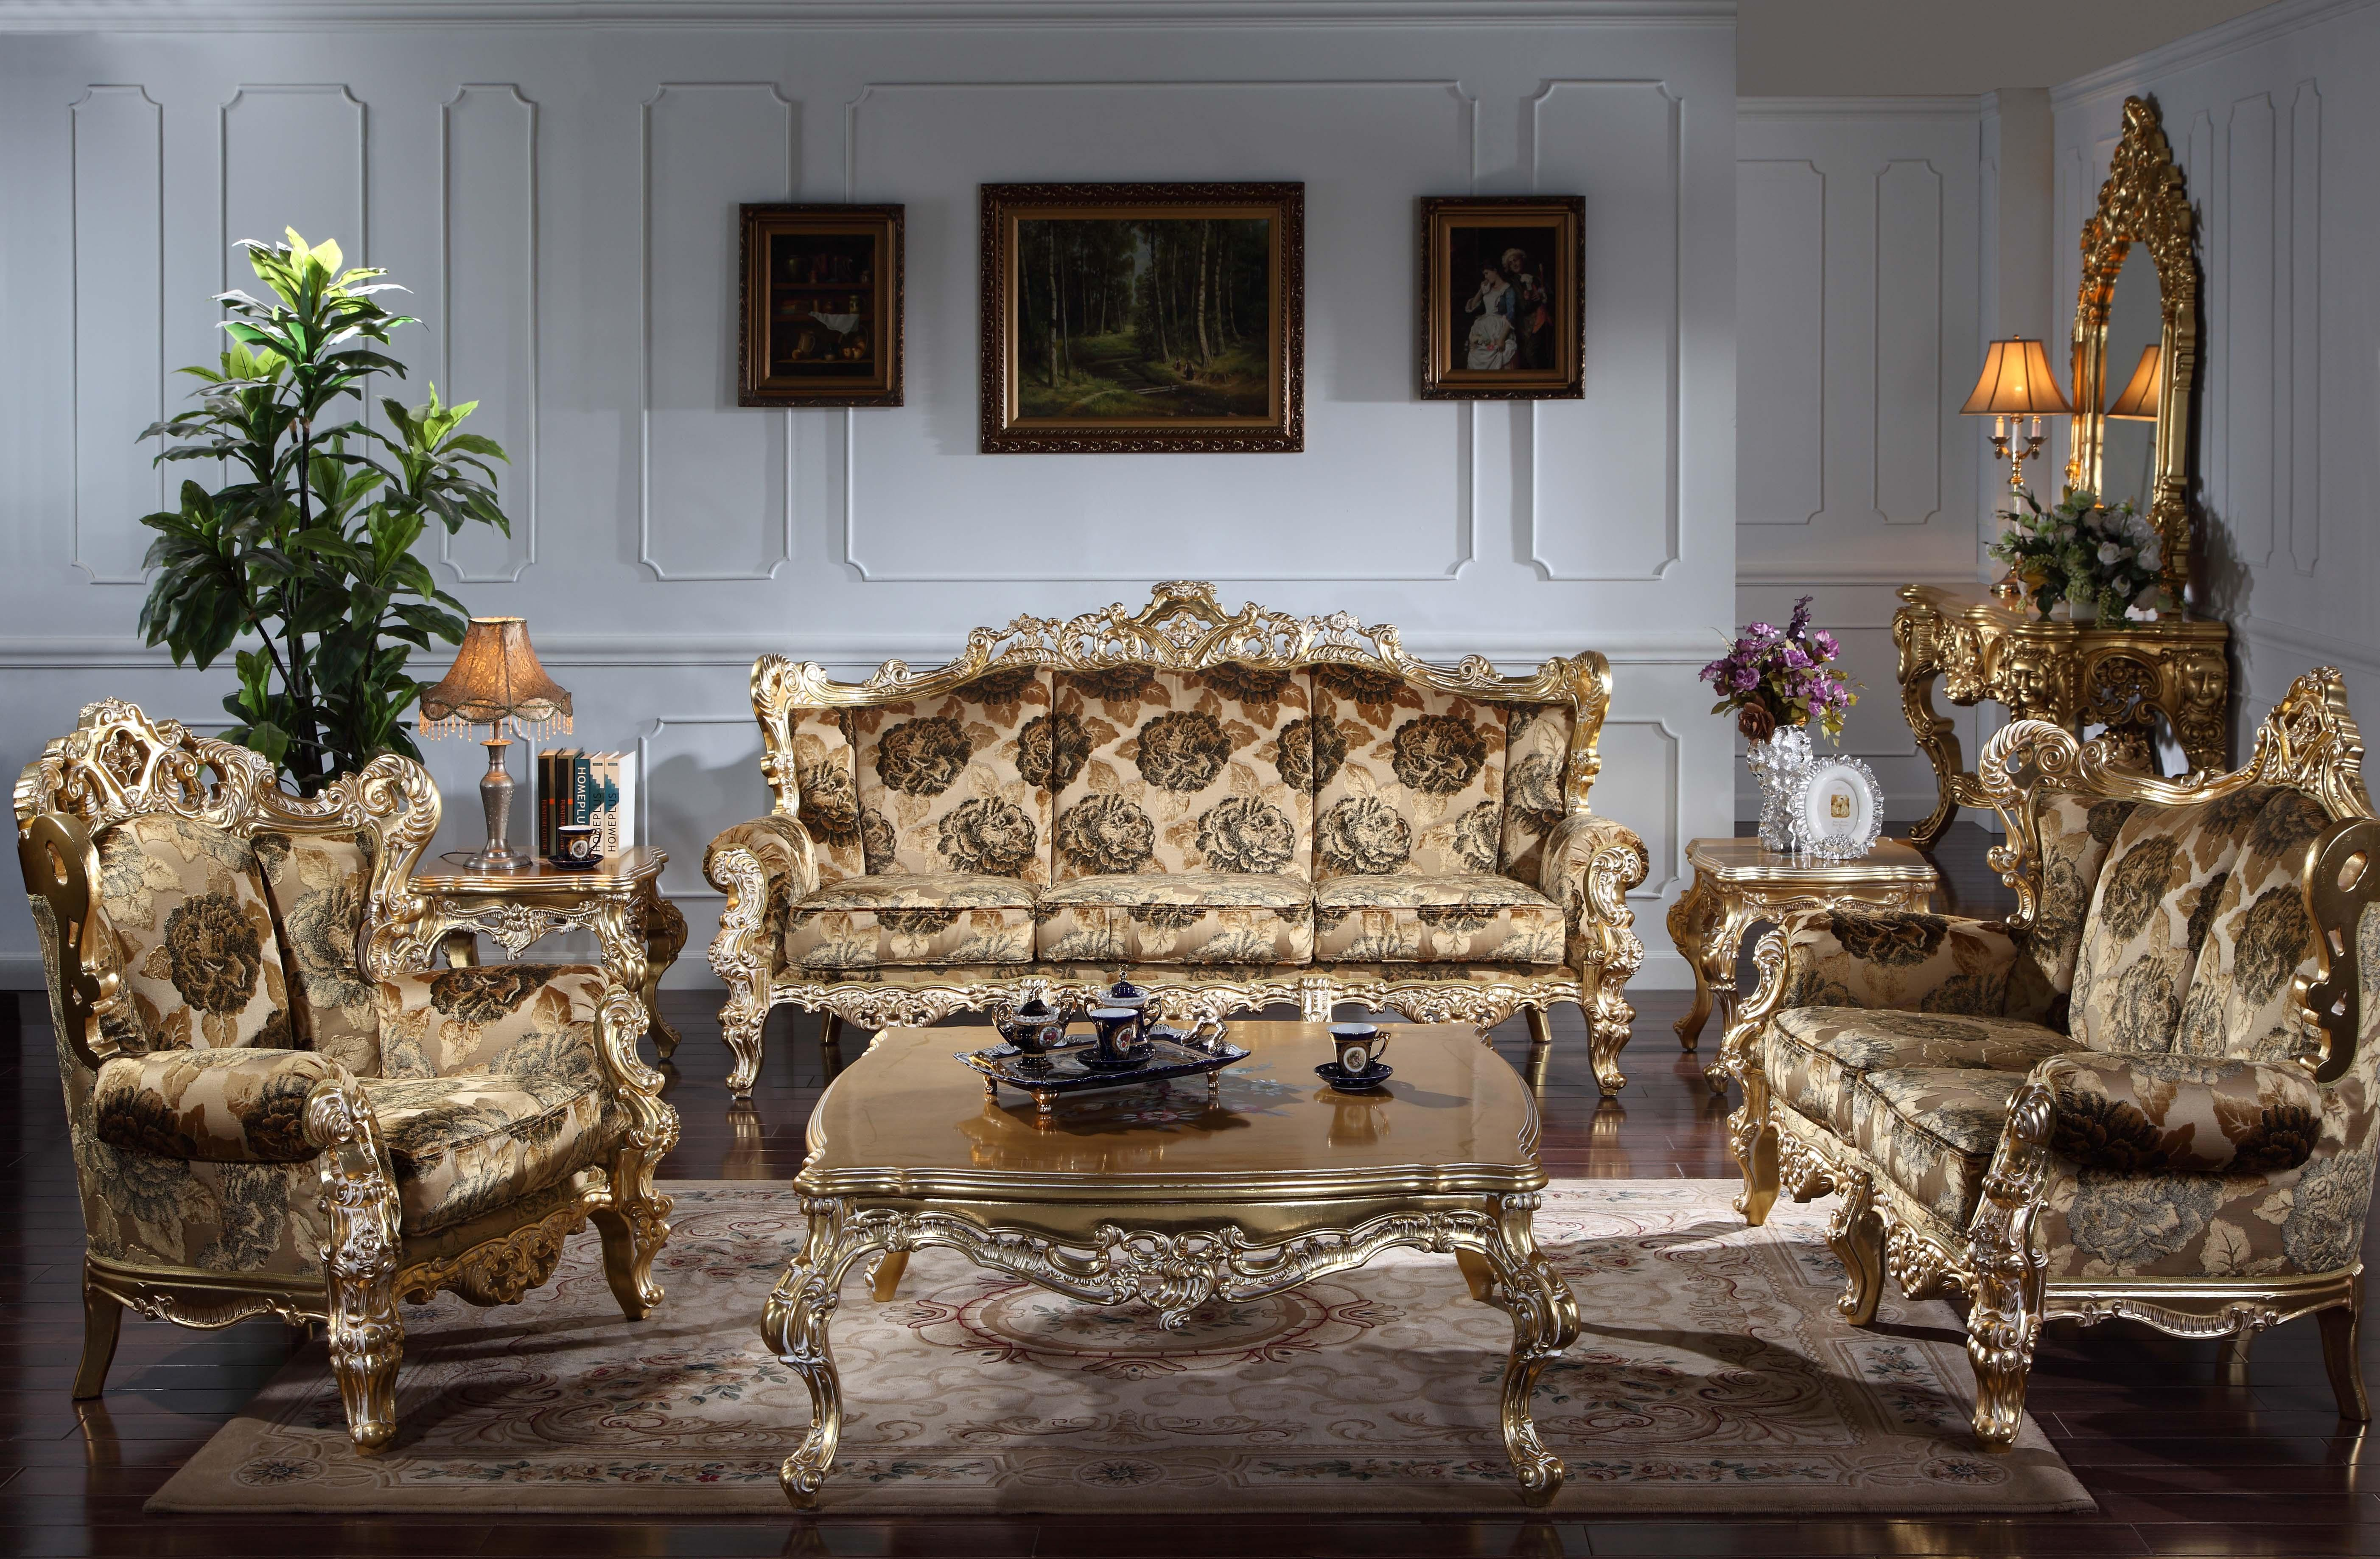 Grosshandel Baroque Klassische Wohnzimmermobel European Classic Sofa